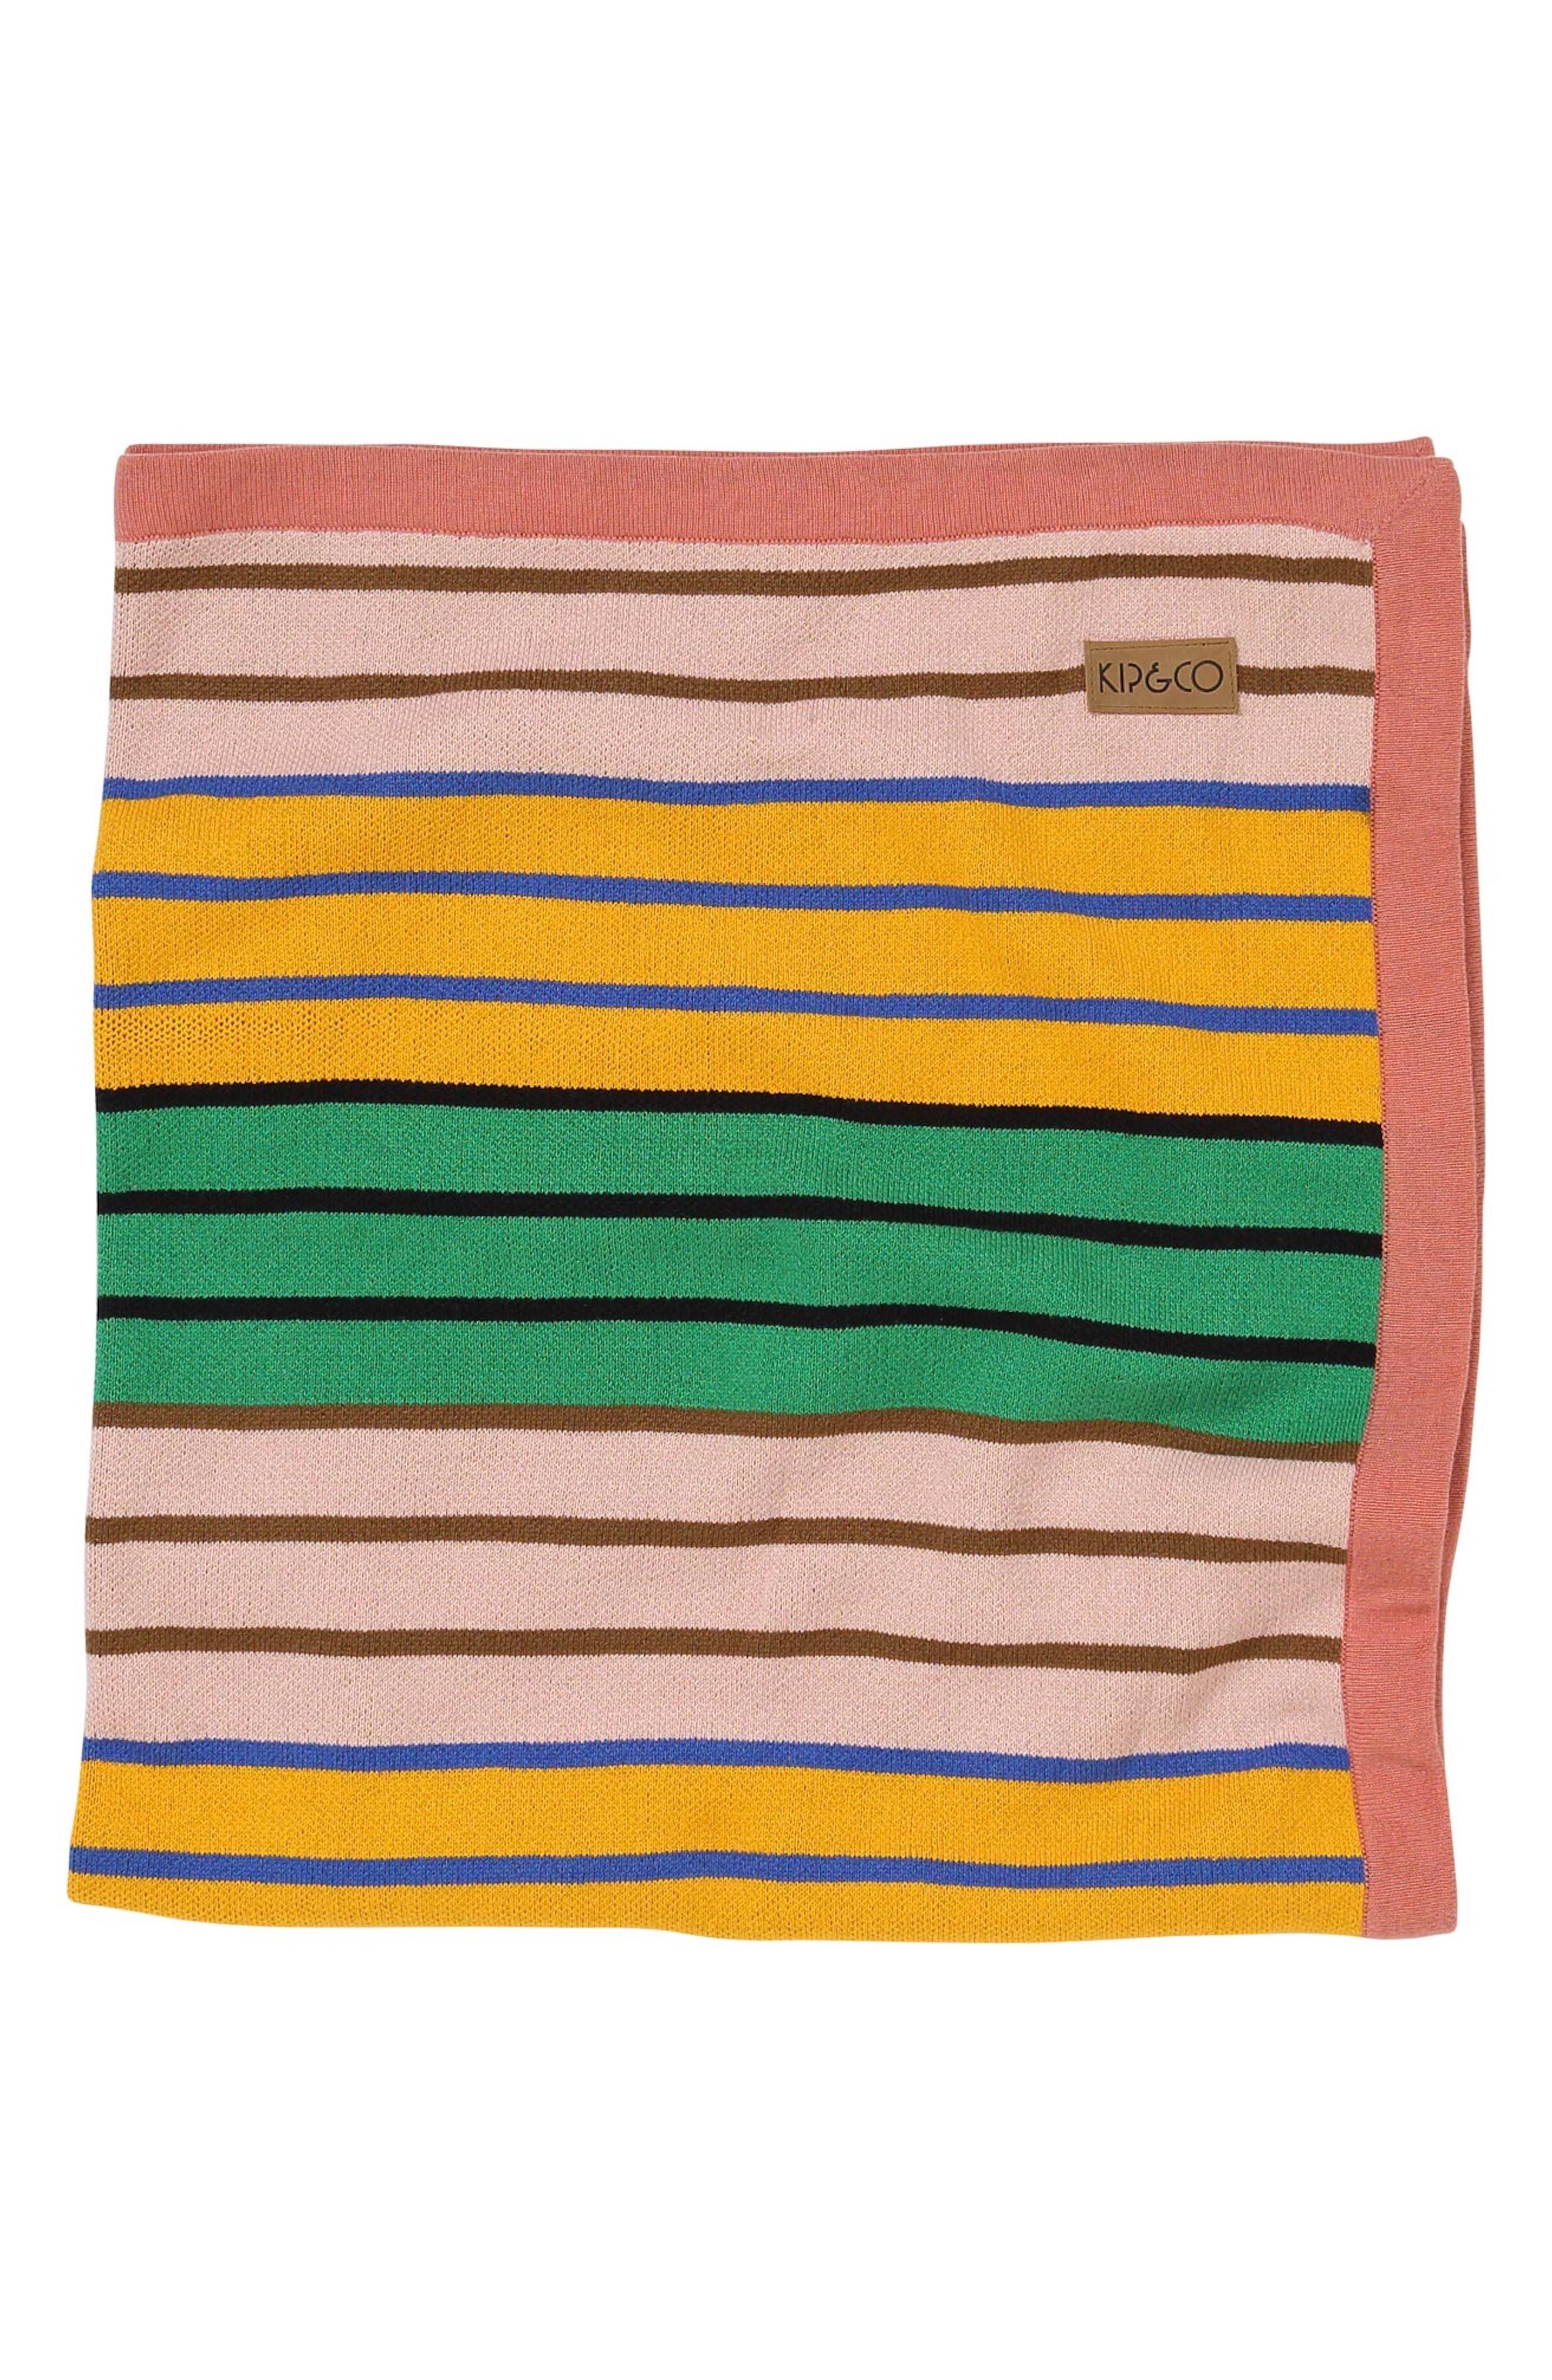 Kip & Co Stripe Knit Cotton Blanket (Kids)